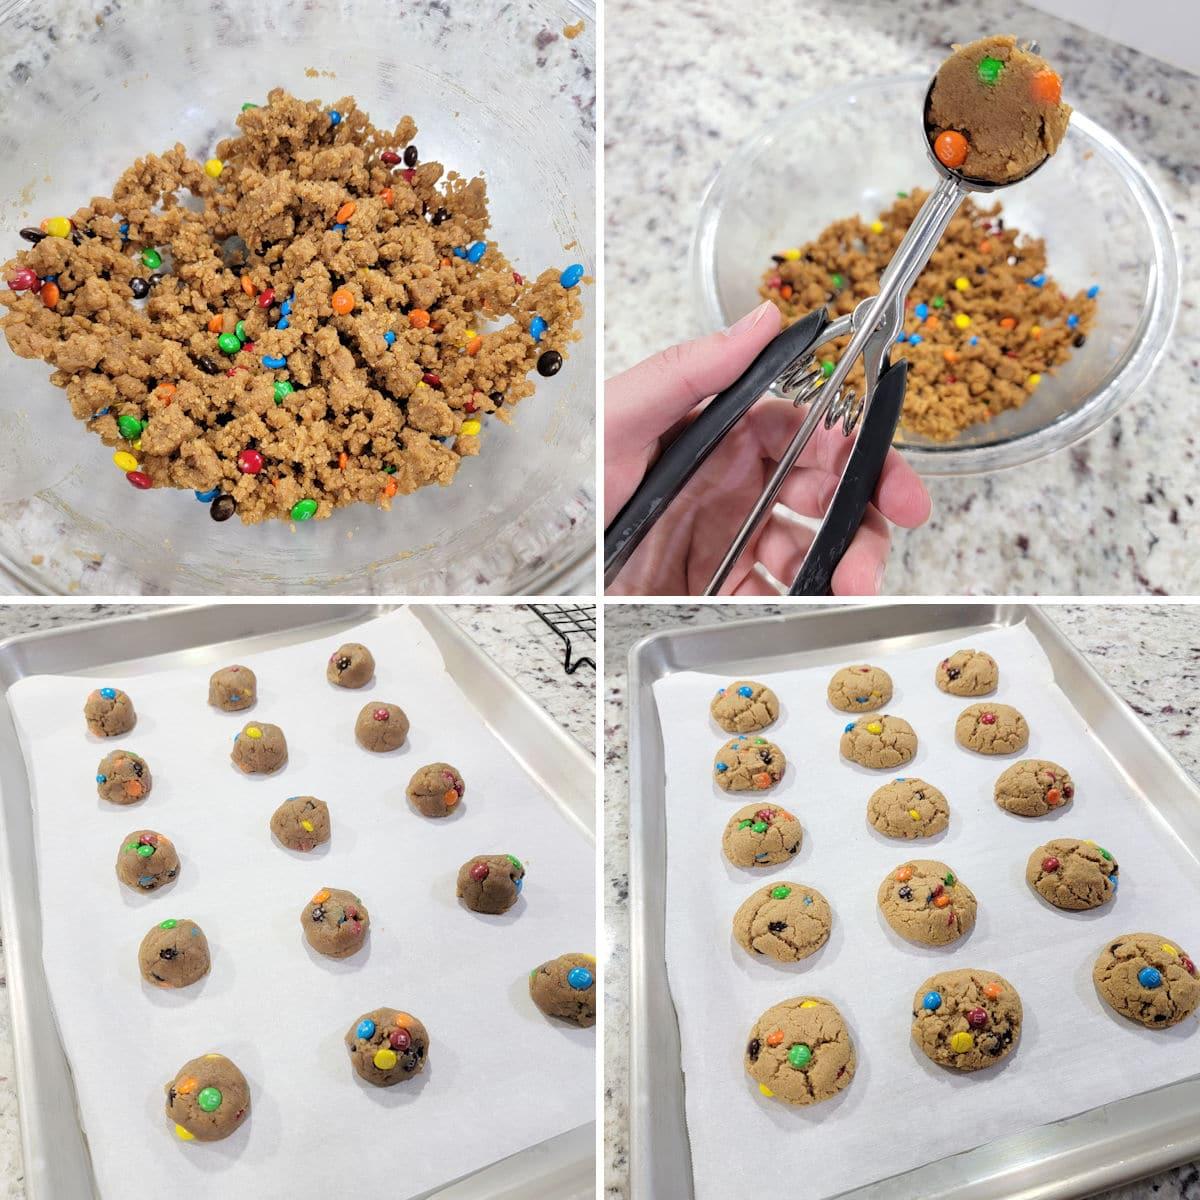 Making mini peanut butter m&m cookies.